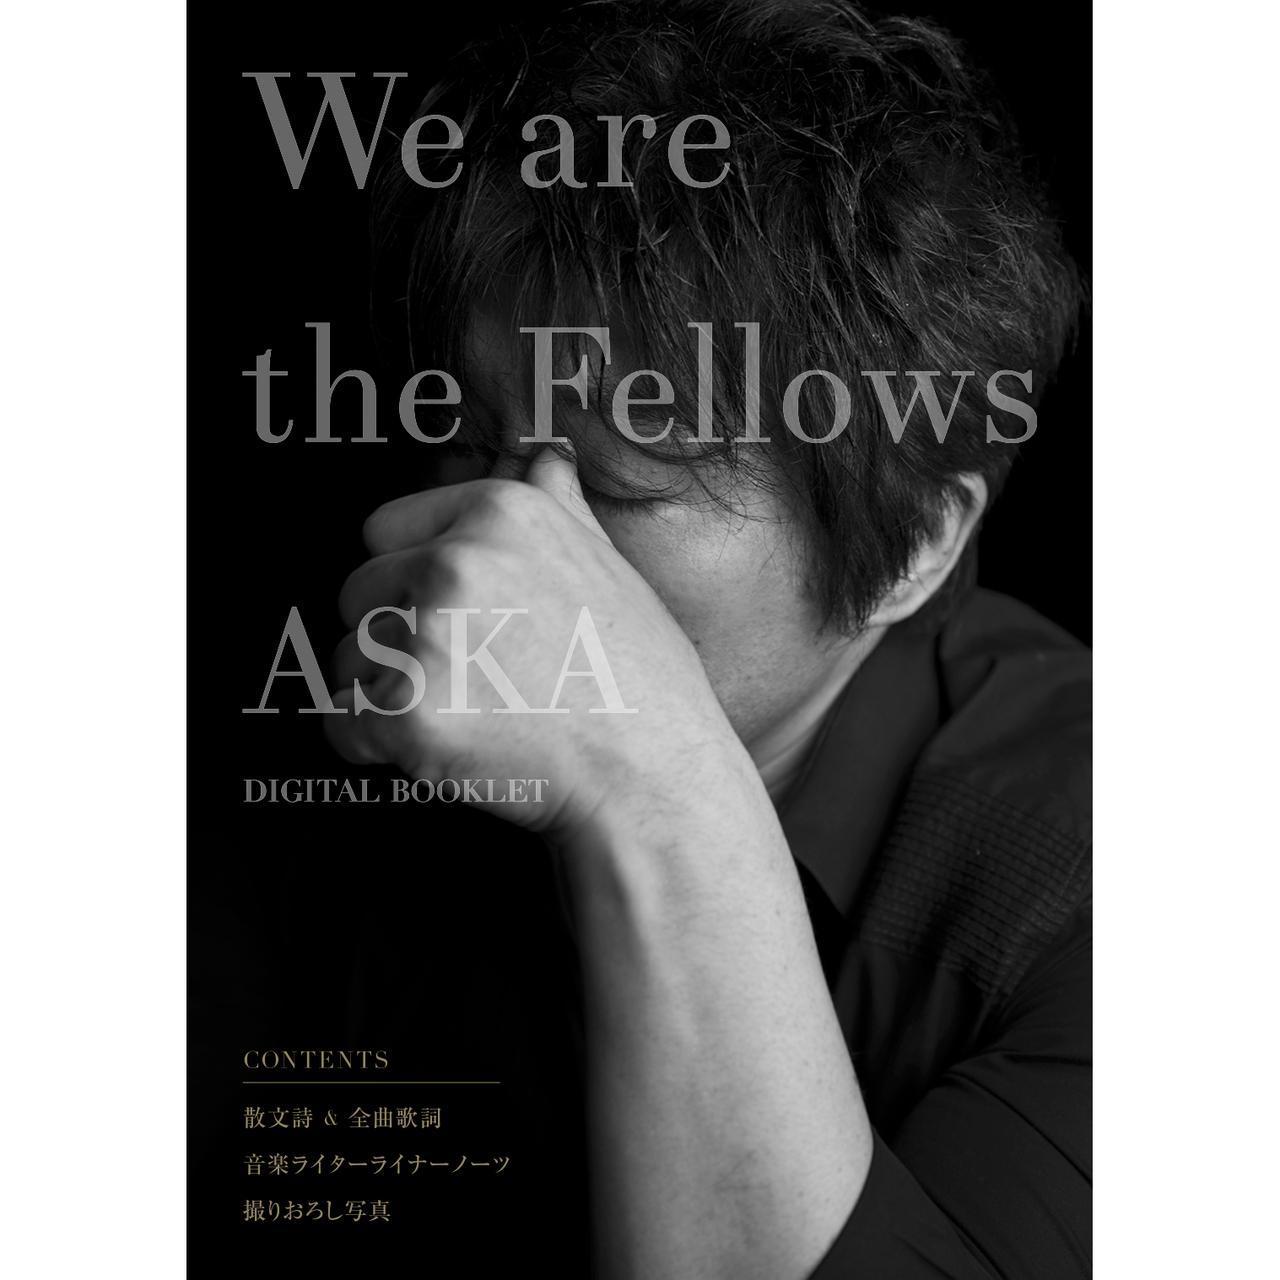 画像: 『We are the Fellows』デジタルブックレット - Weare